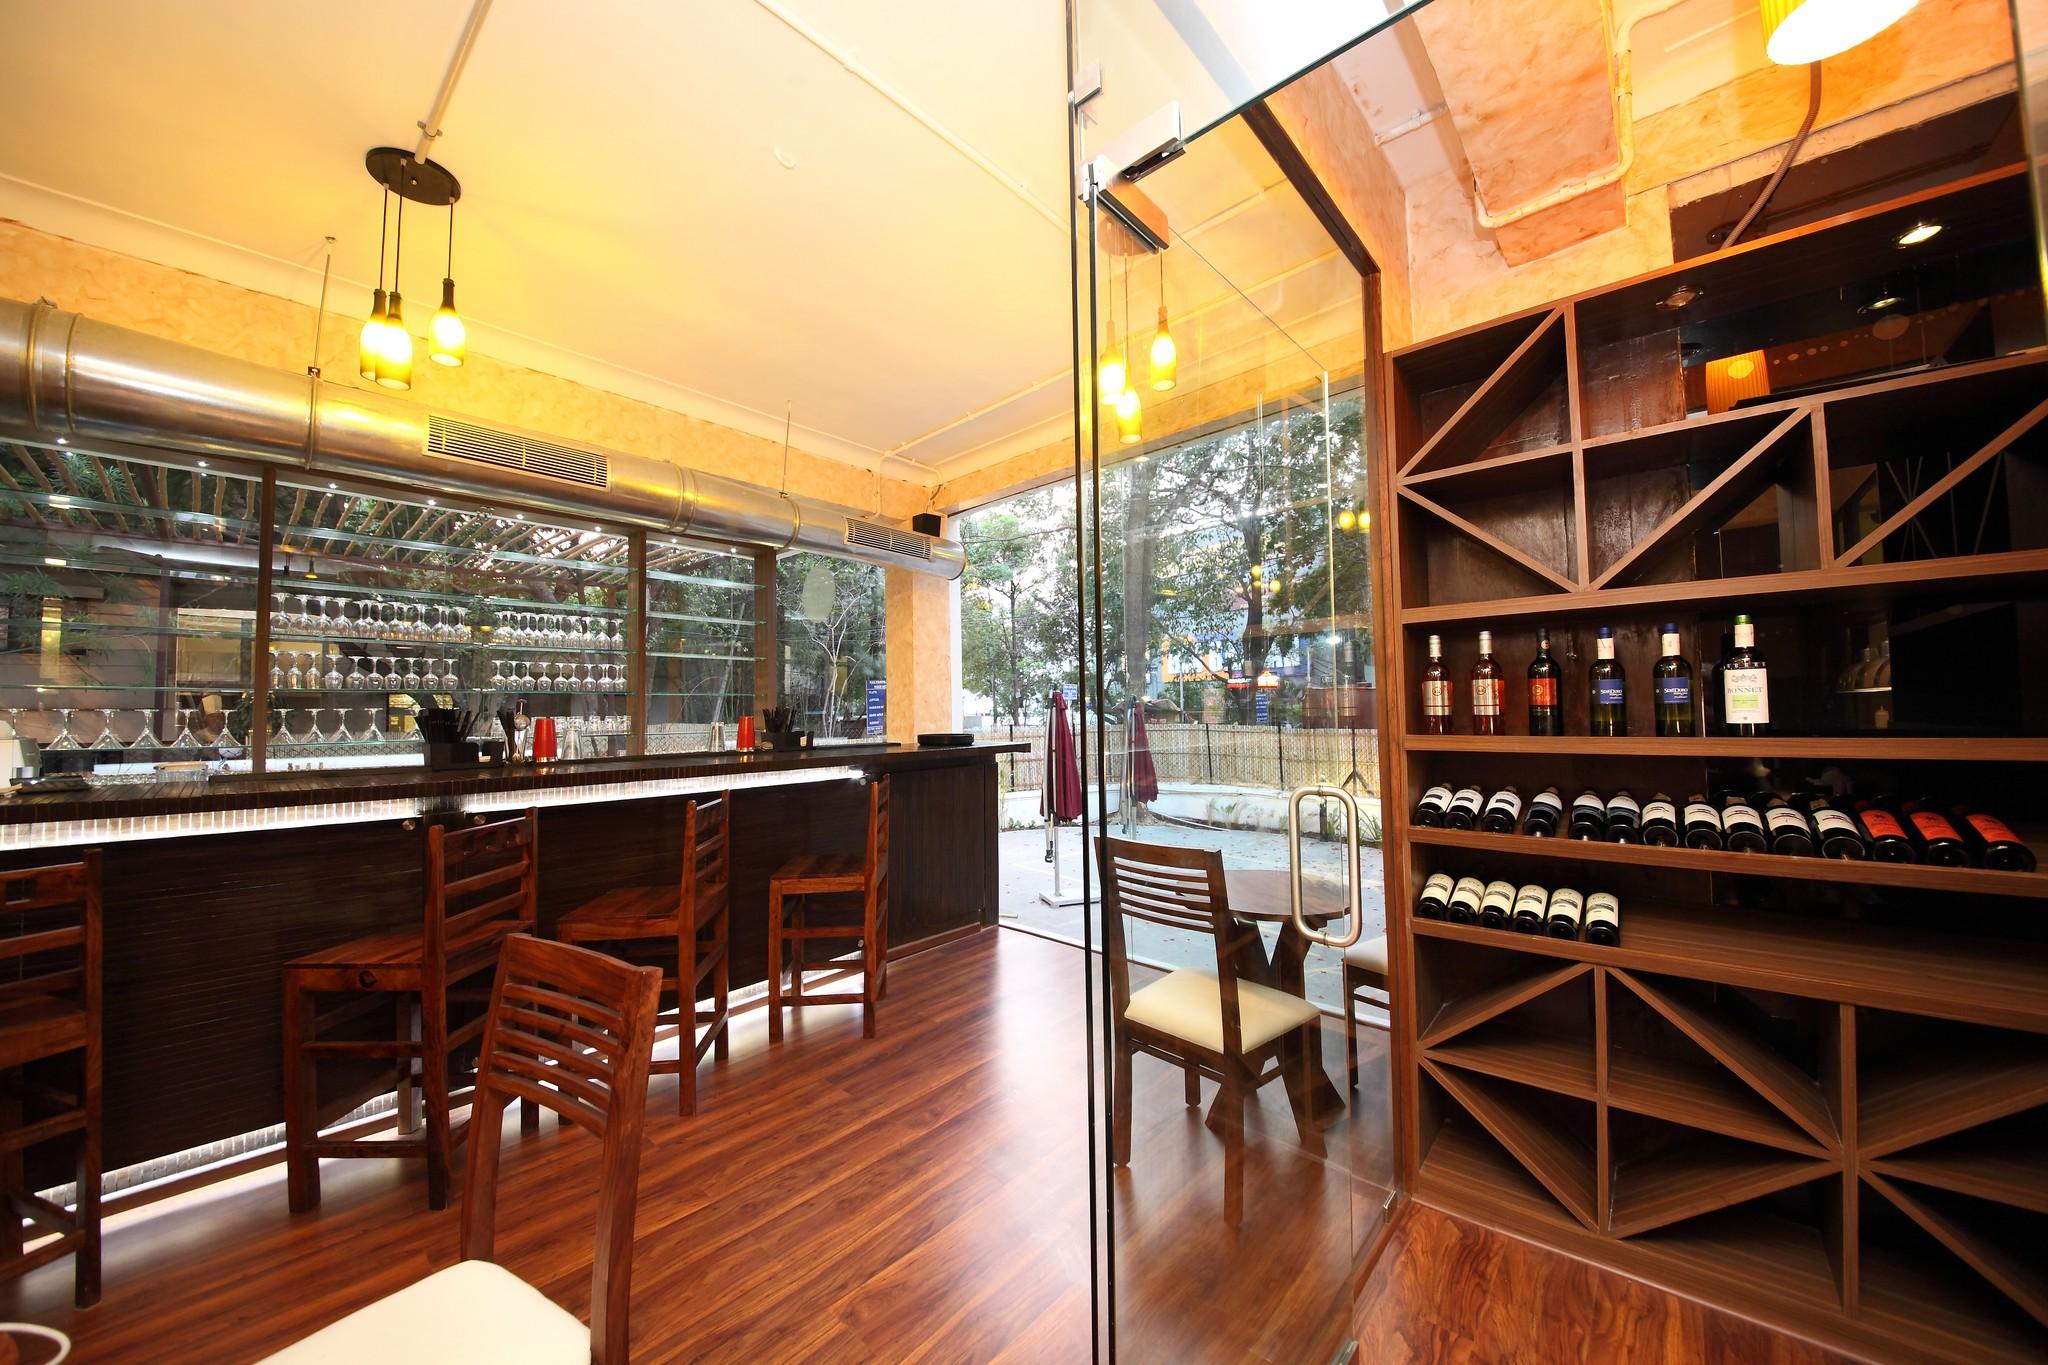 VKi interiors Interior Design practice based in Pune